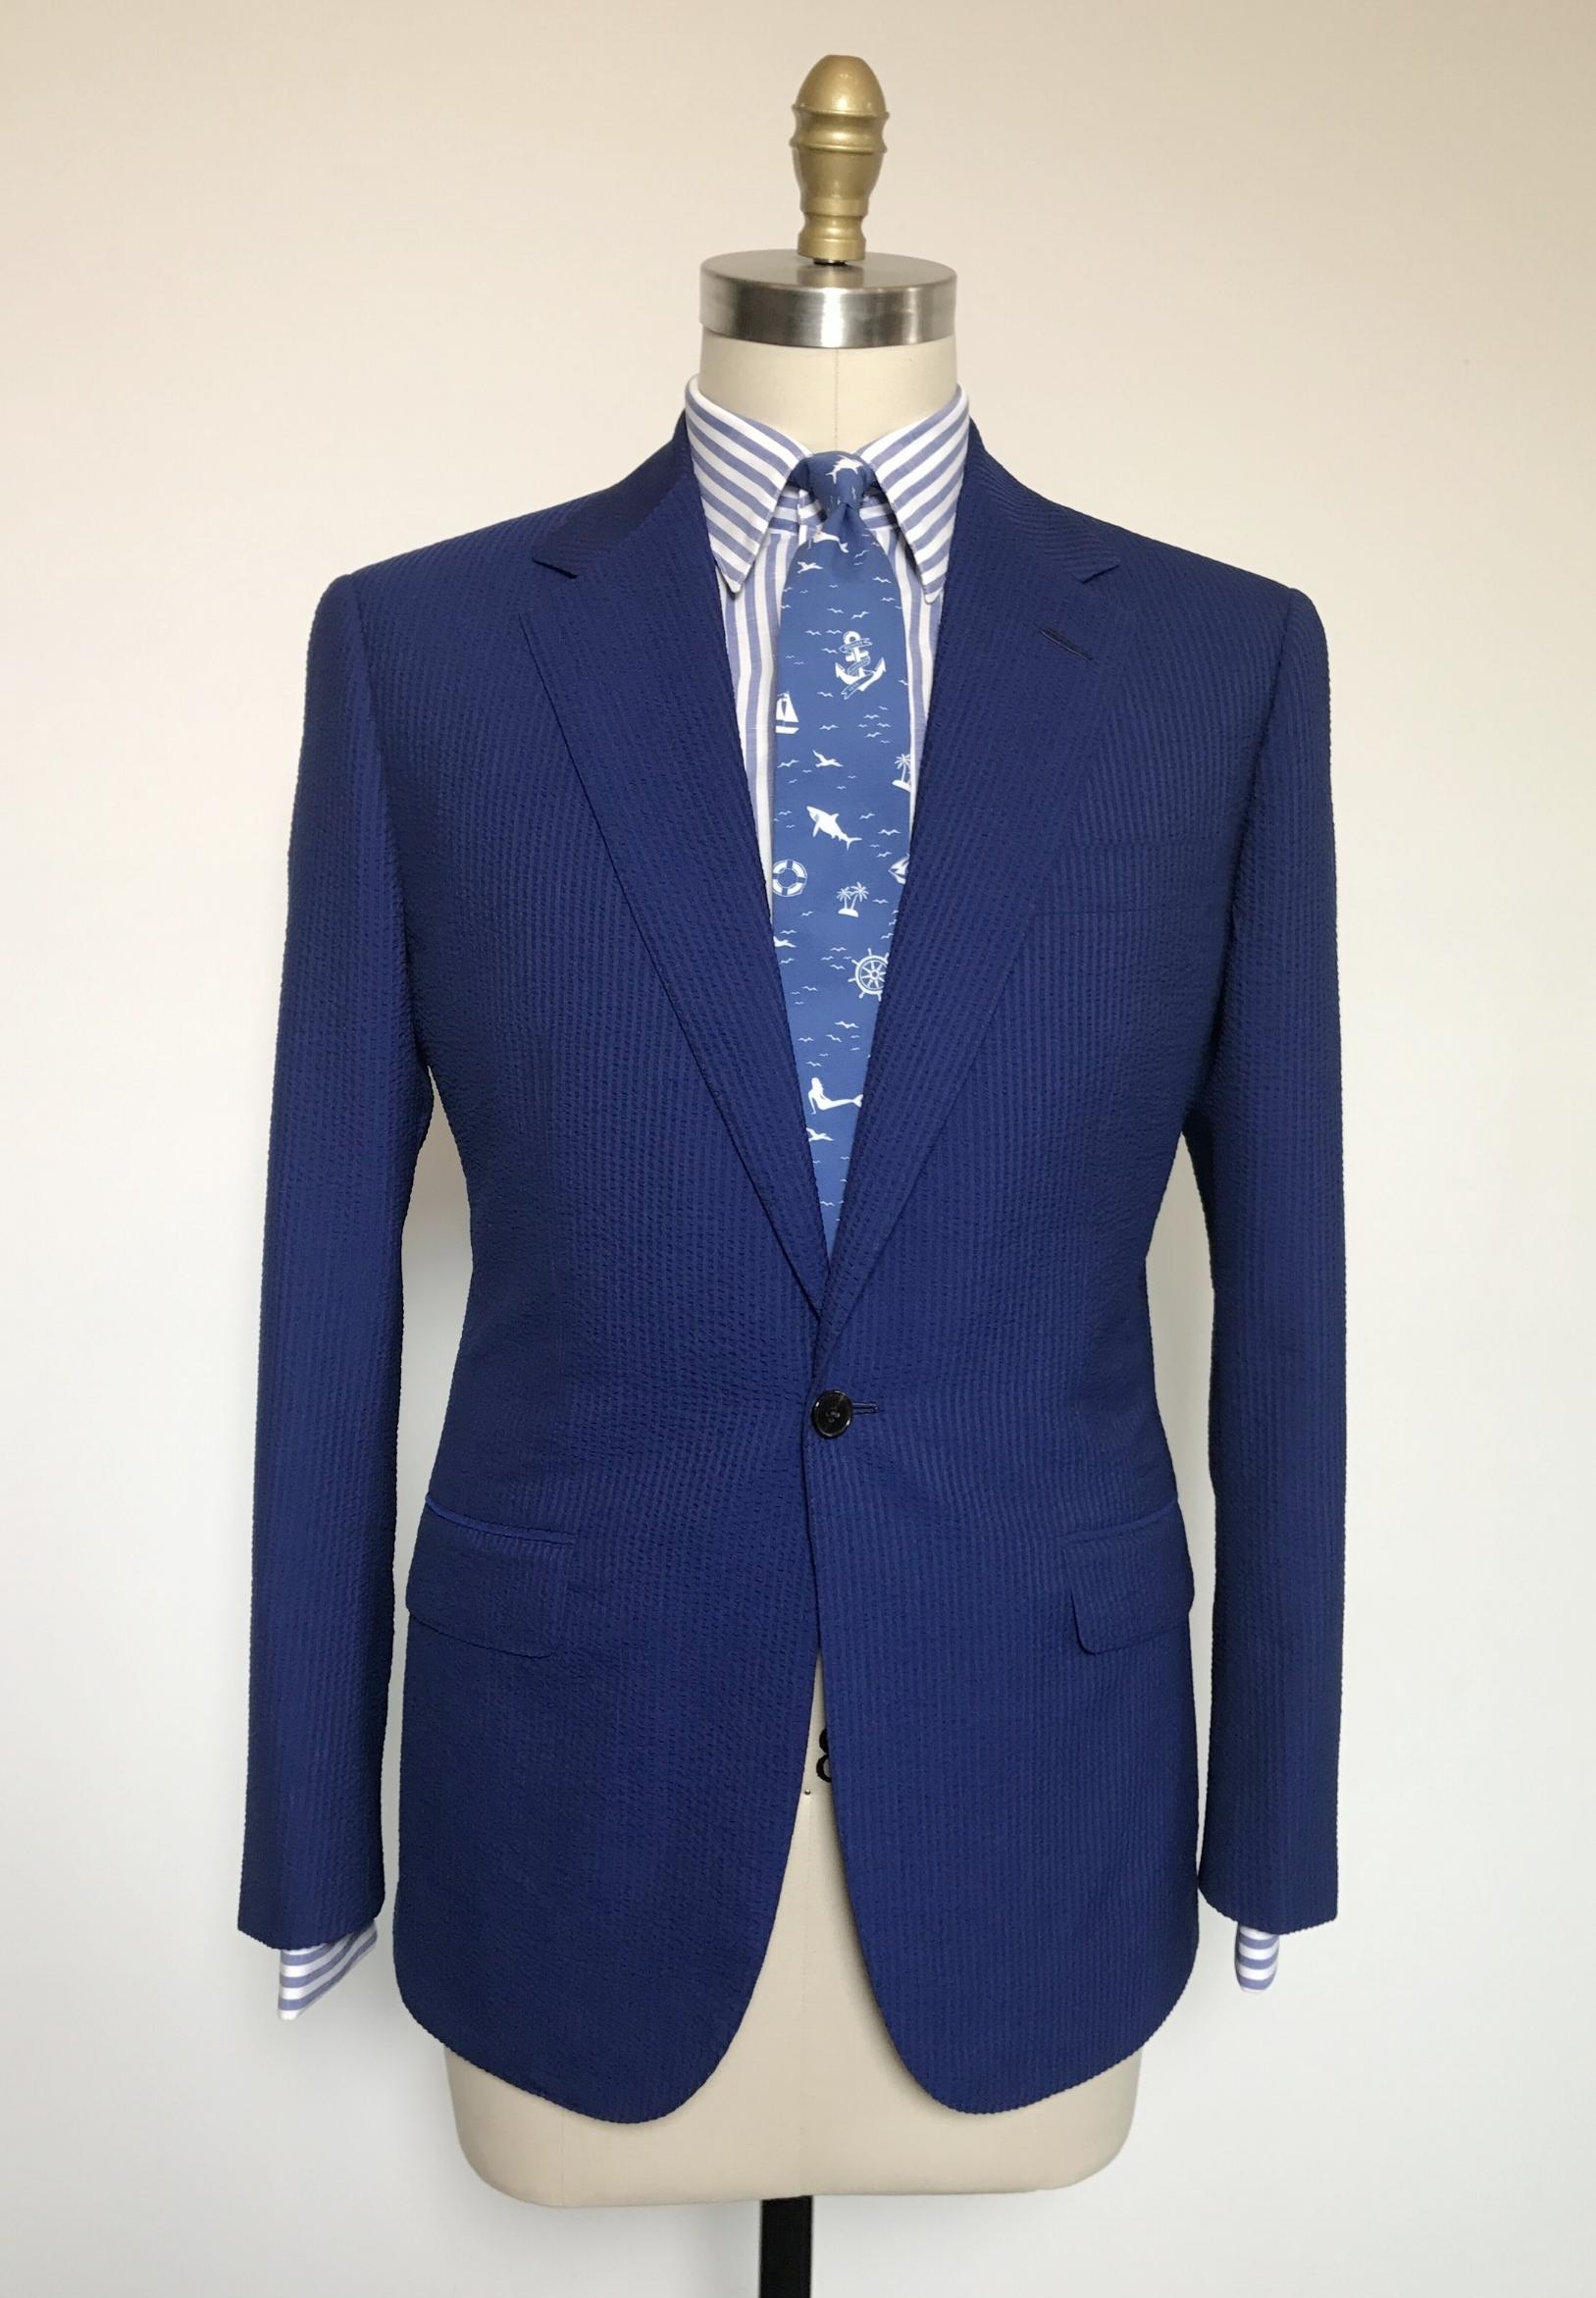 bespoke seersucker suit.JPG